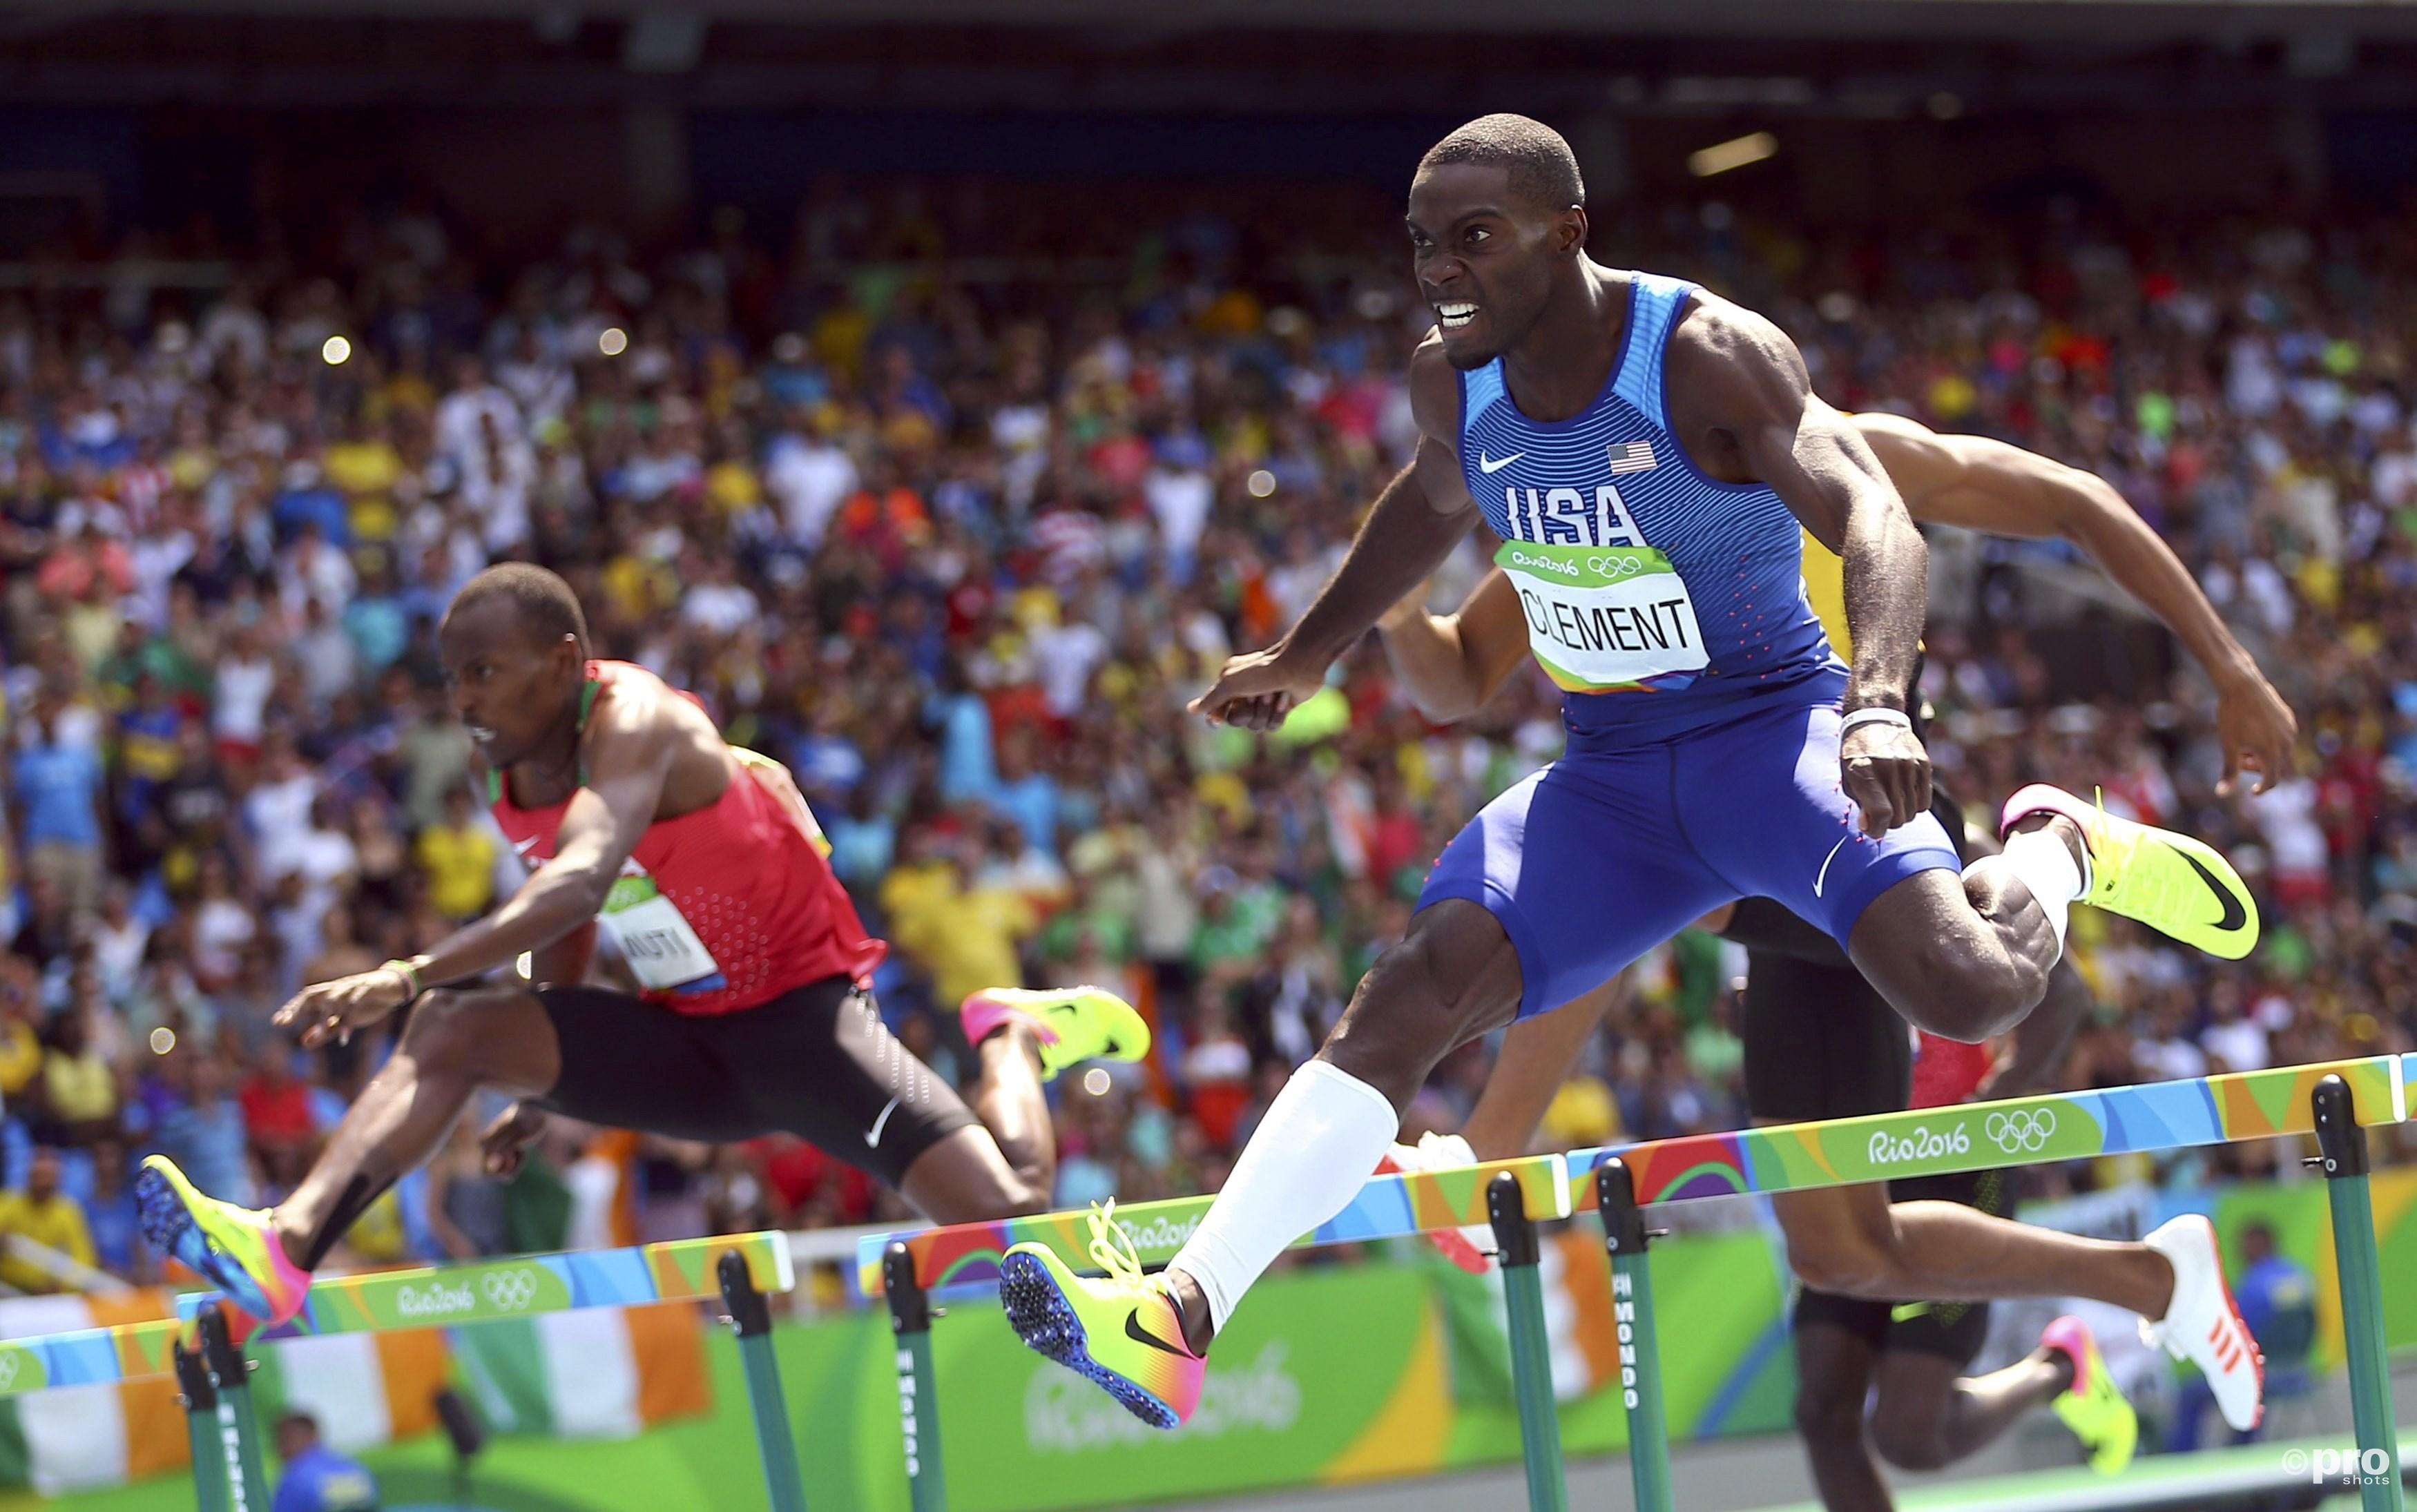 Clement springt en rent eindelijk naar olympisch goud (PROSHOTS/Action Images)